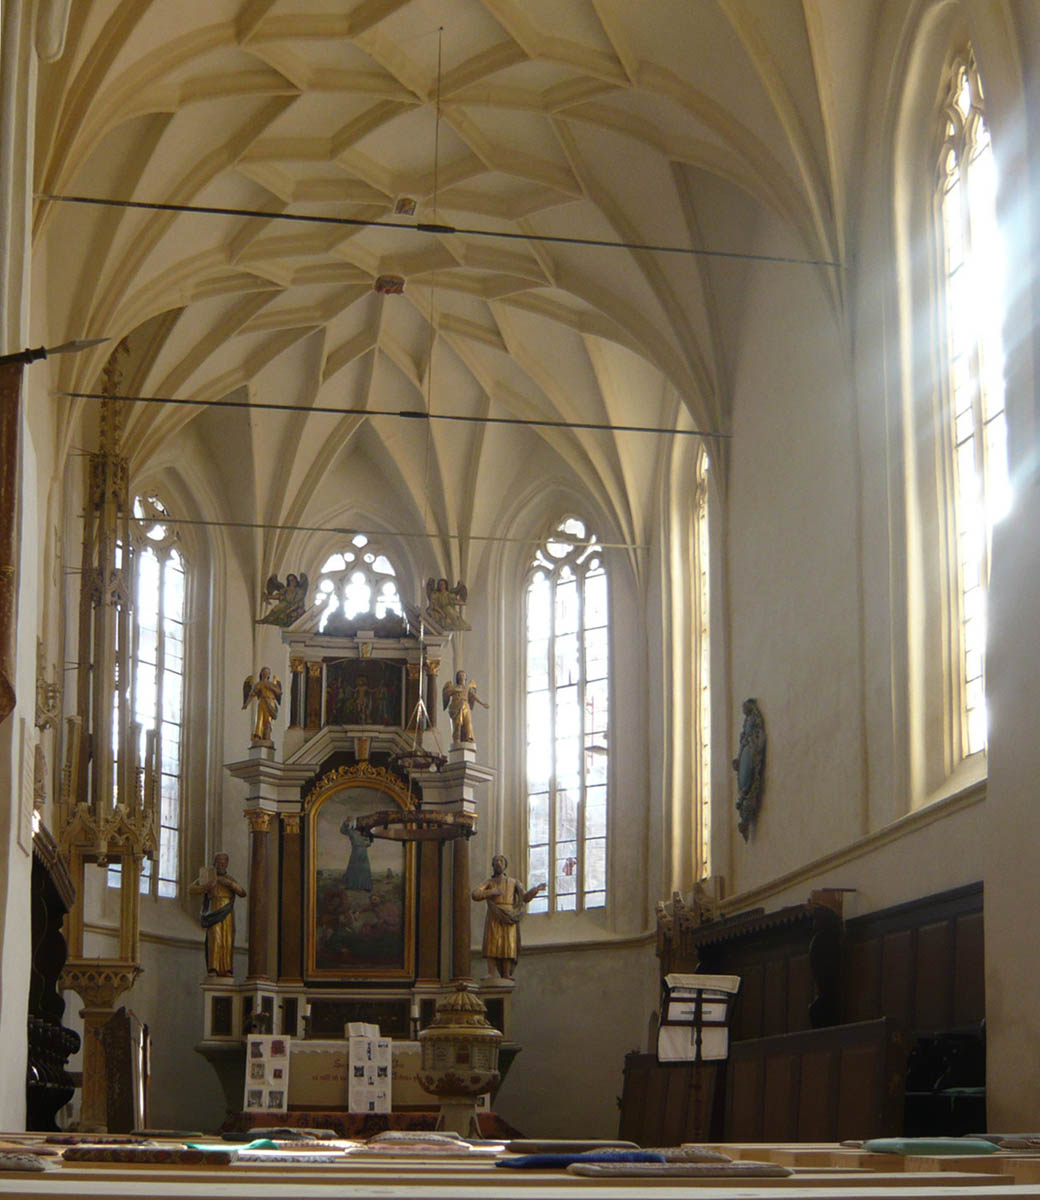 Meschen, die erste Wehrkirche aus Siebenbürgen die Prinz Charles besuchte